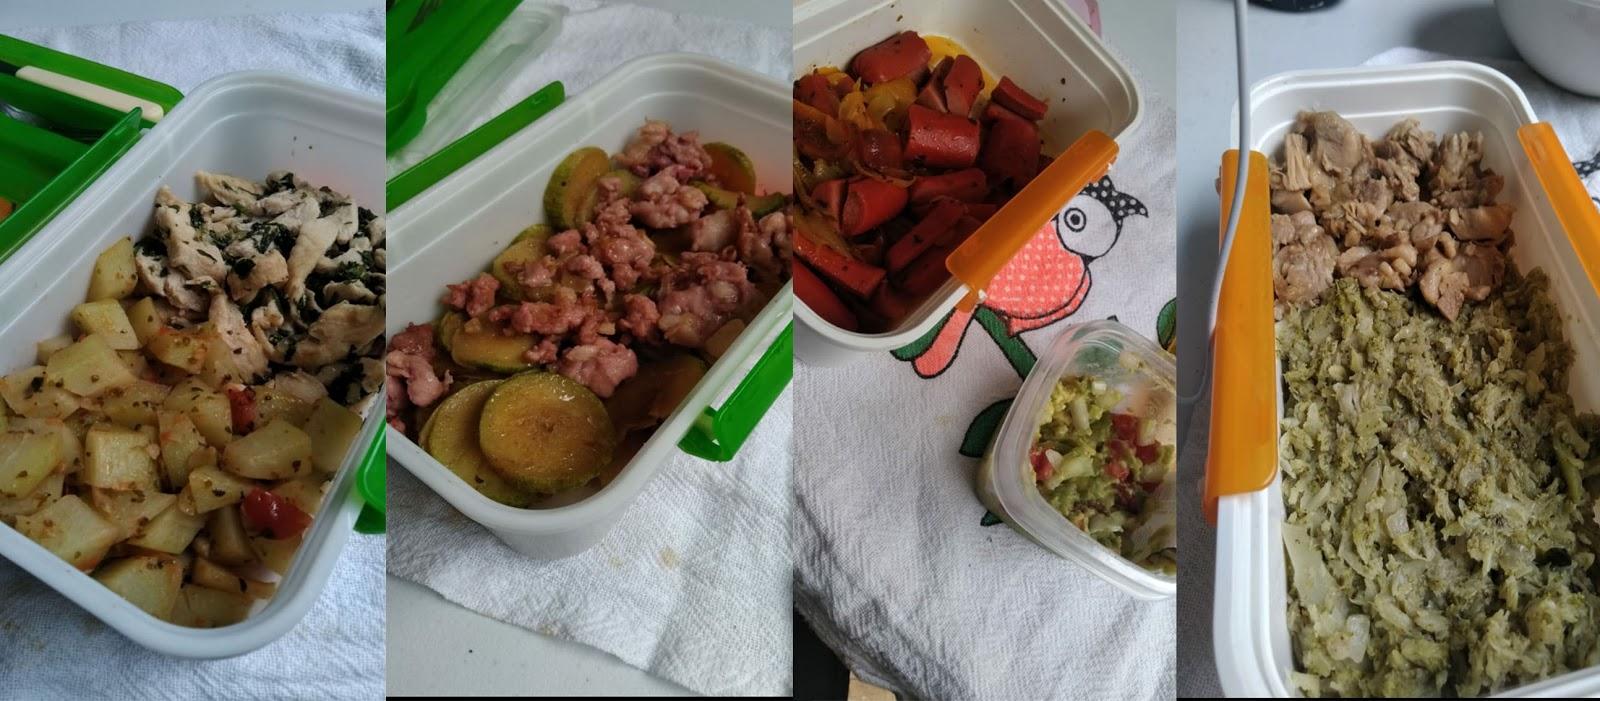 dicas de refeição dieta no carb